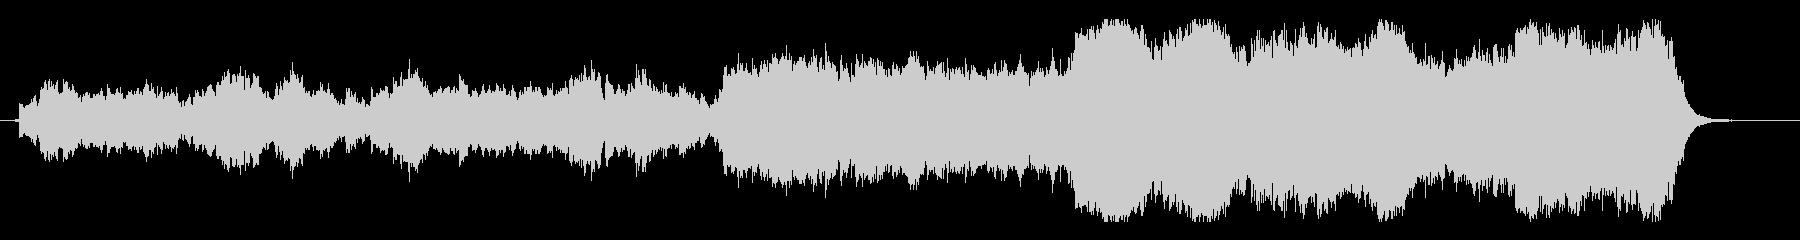 スピリチュアルで切ないヒーリングサウンドの未再生の波形